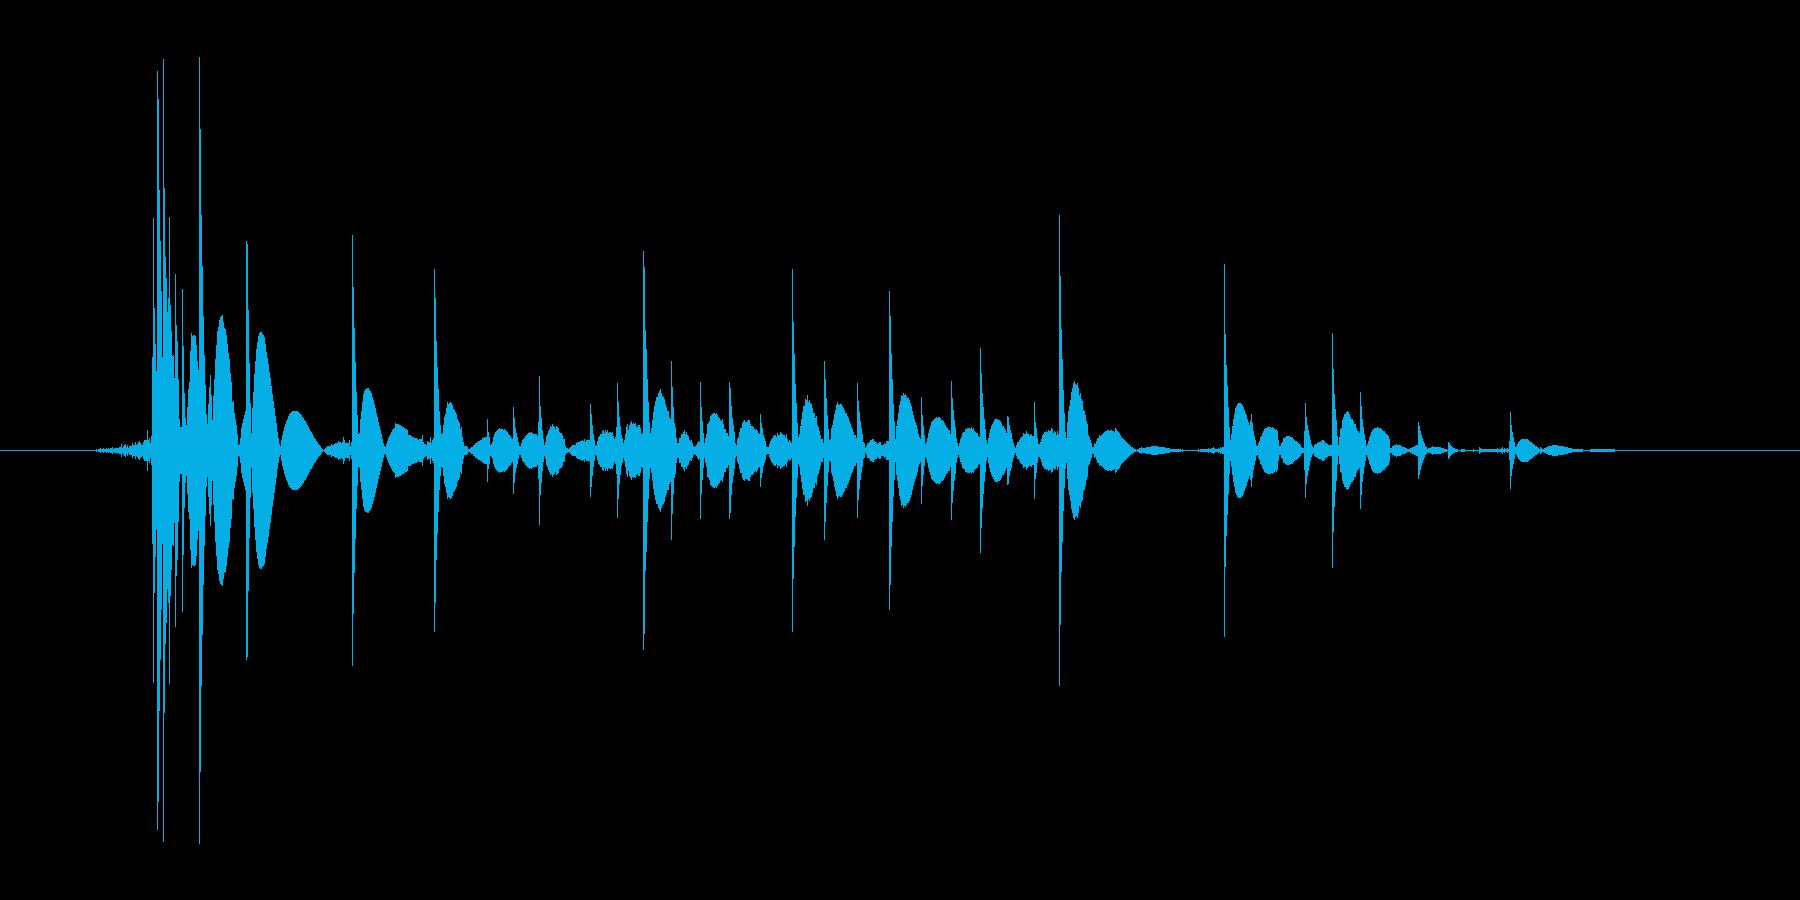 ゲーム(ファミコン風)爆発音_014の再生済みの波形